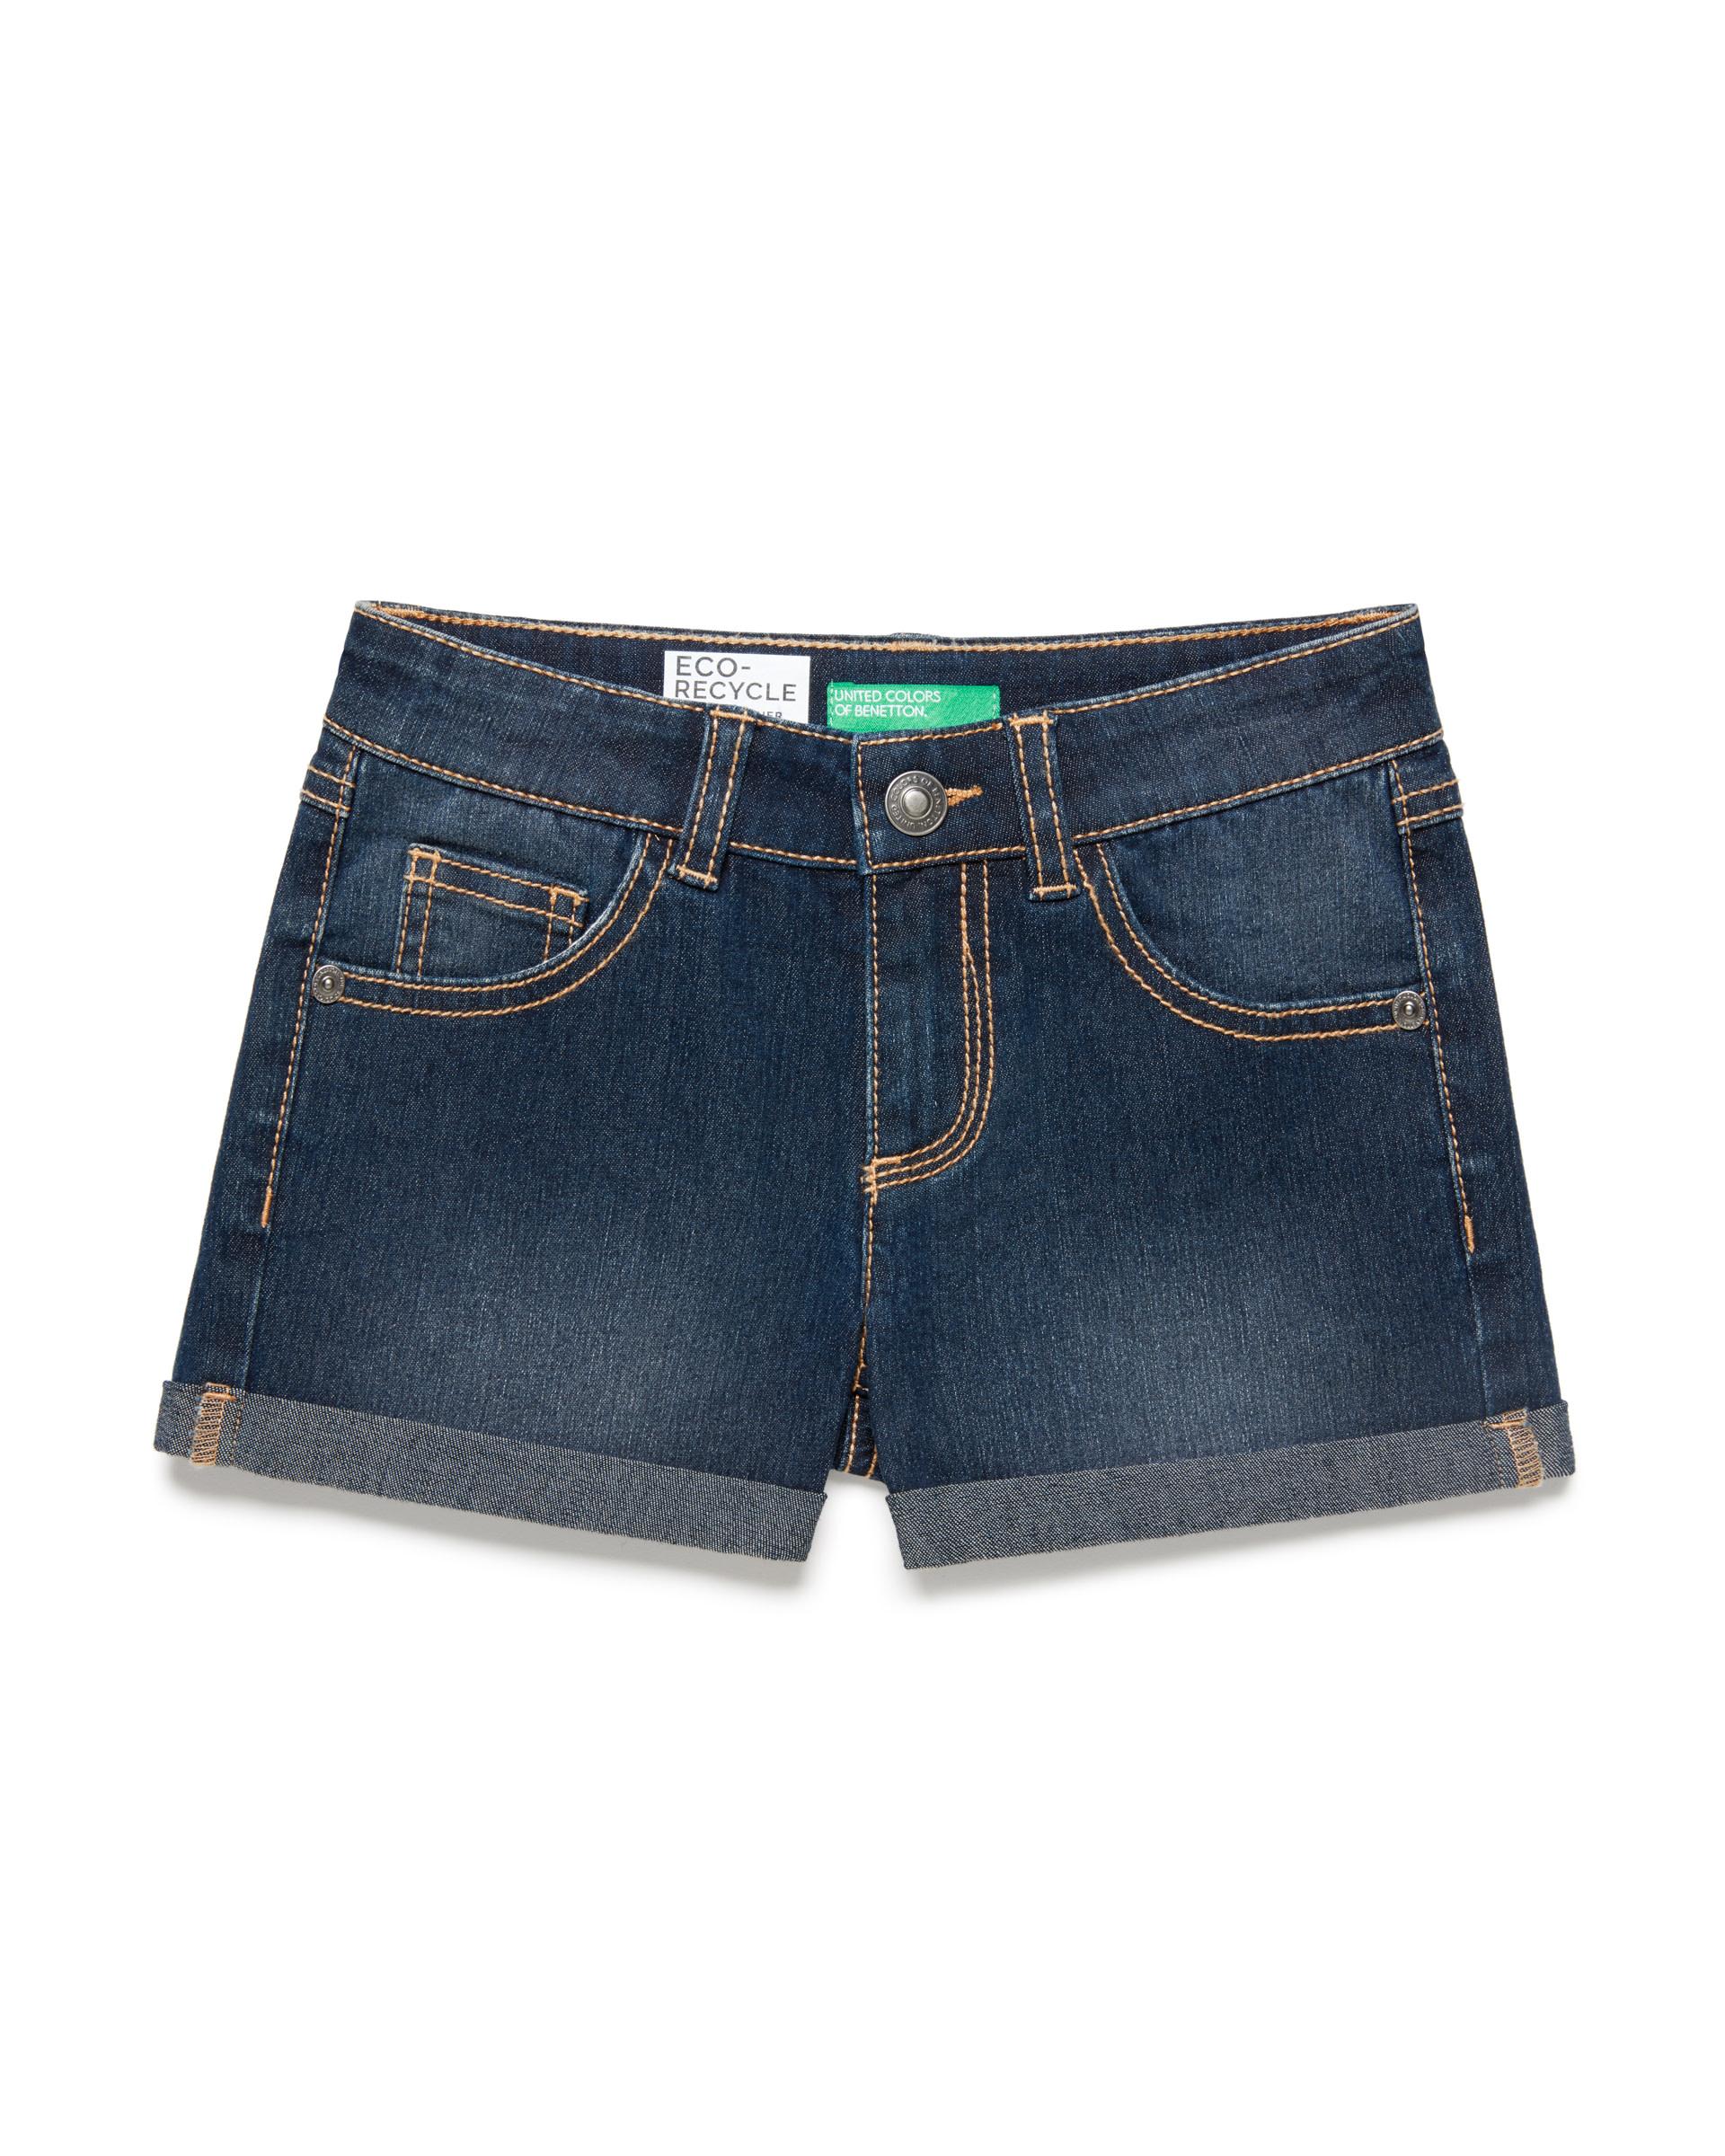 Купить 20P_4XA2597V0_901, Джинсовые шорты для девочек Benetton 4XA2597V0_901 р-р 140, United Colors of Benetton, Шорты для девочек